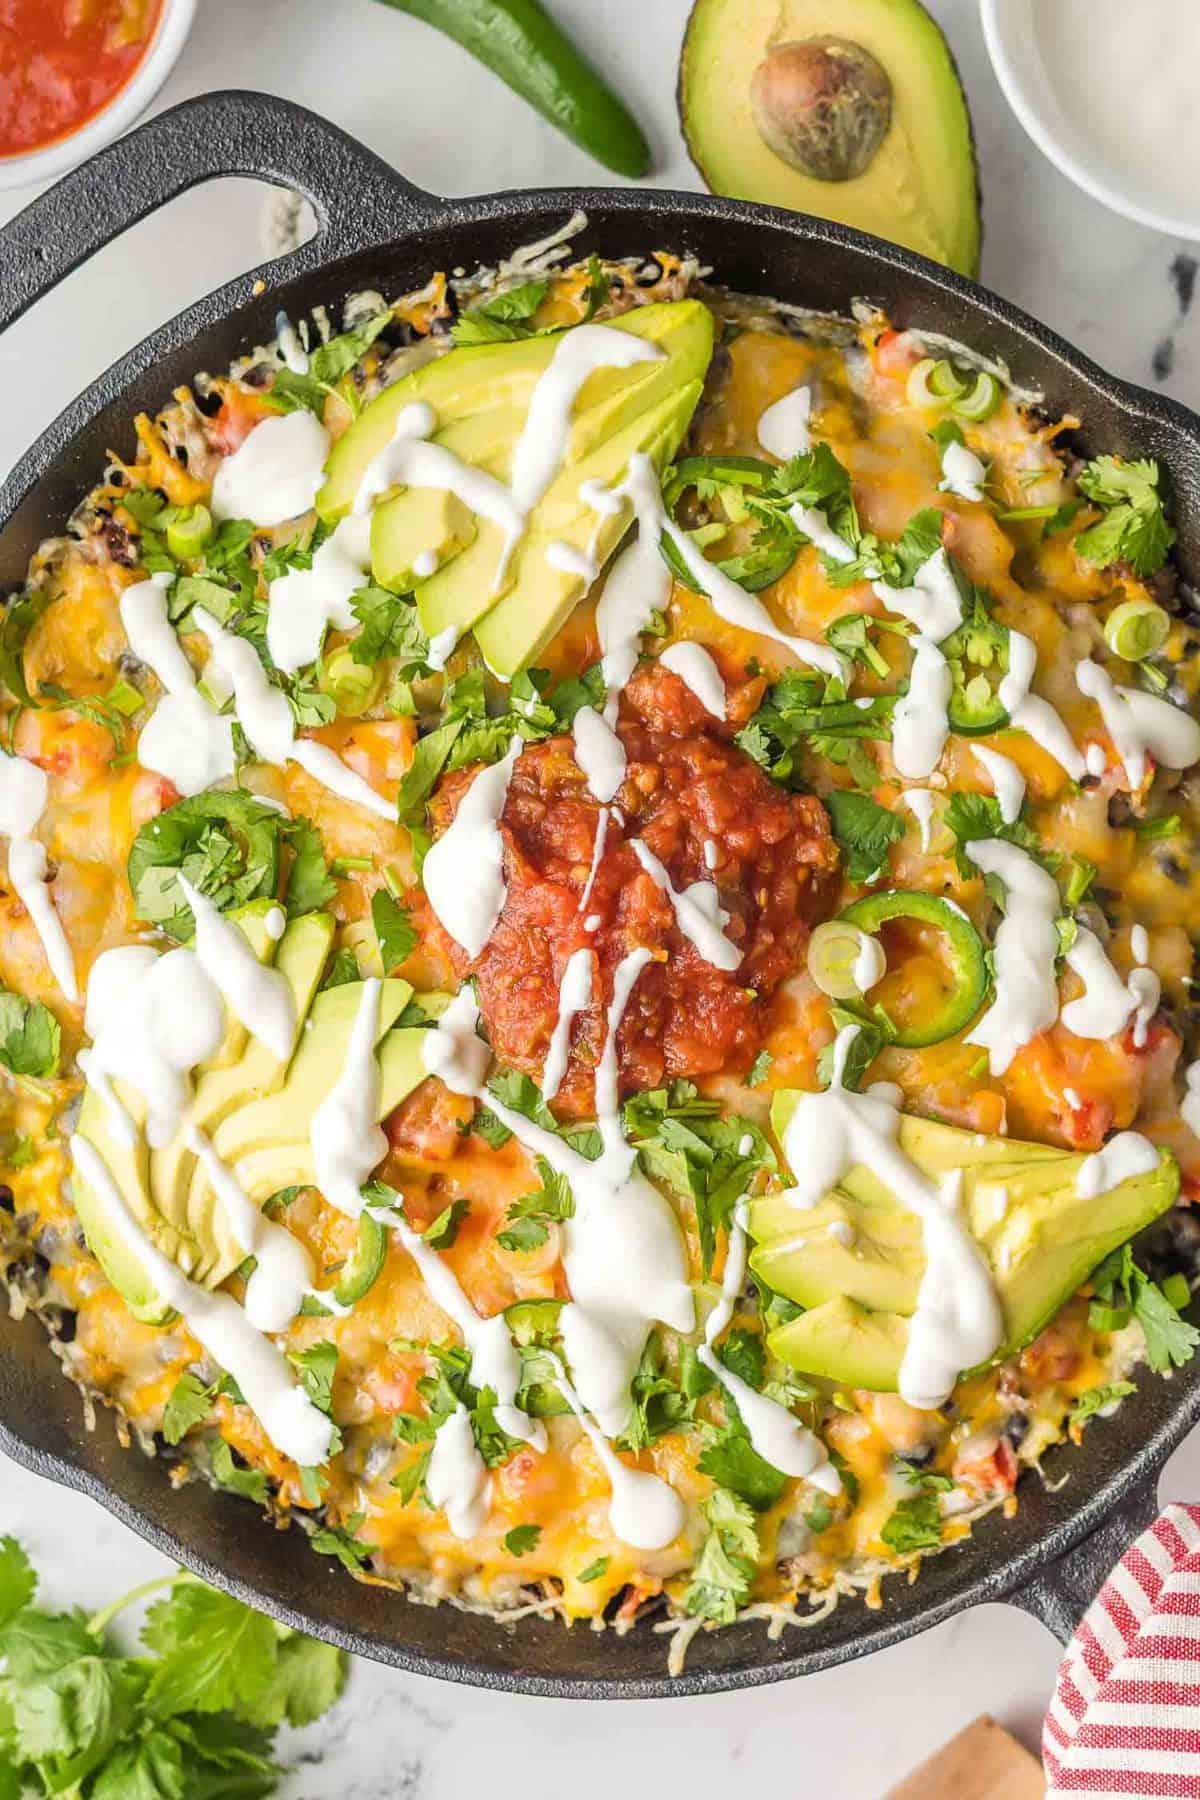 Close up view of garnished nachos.